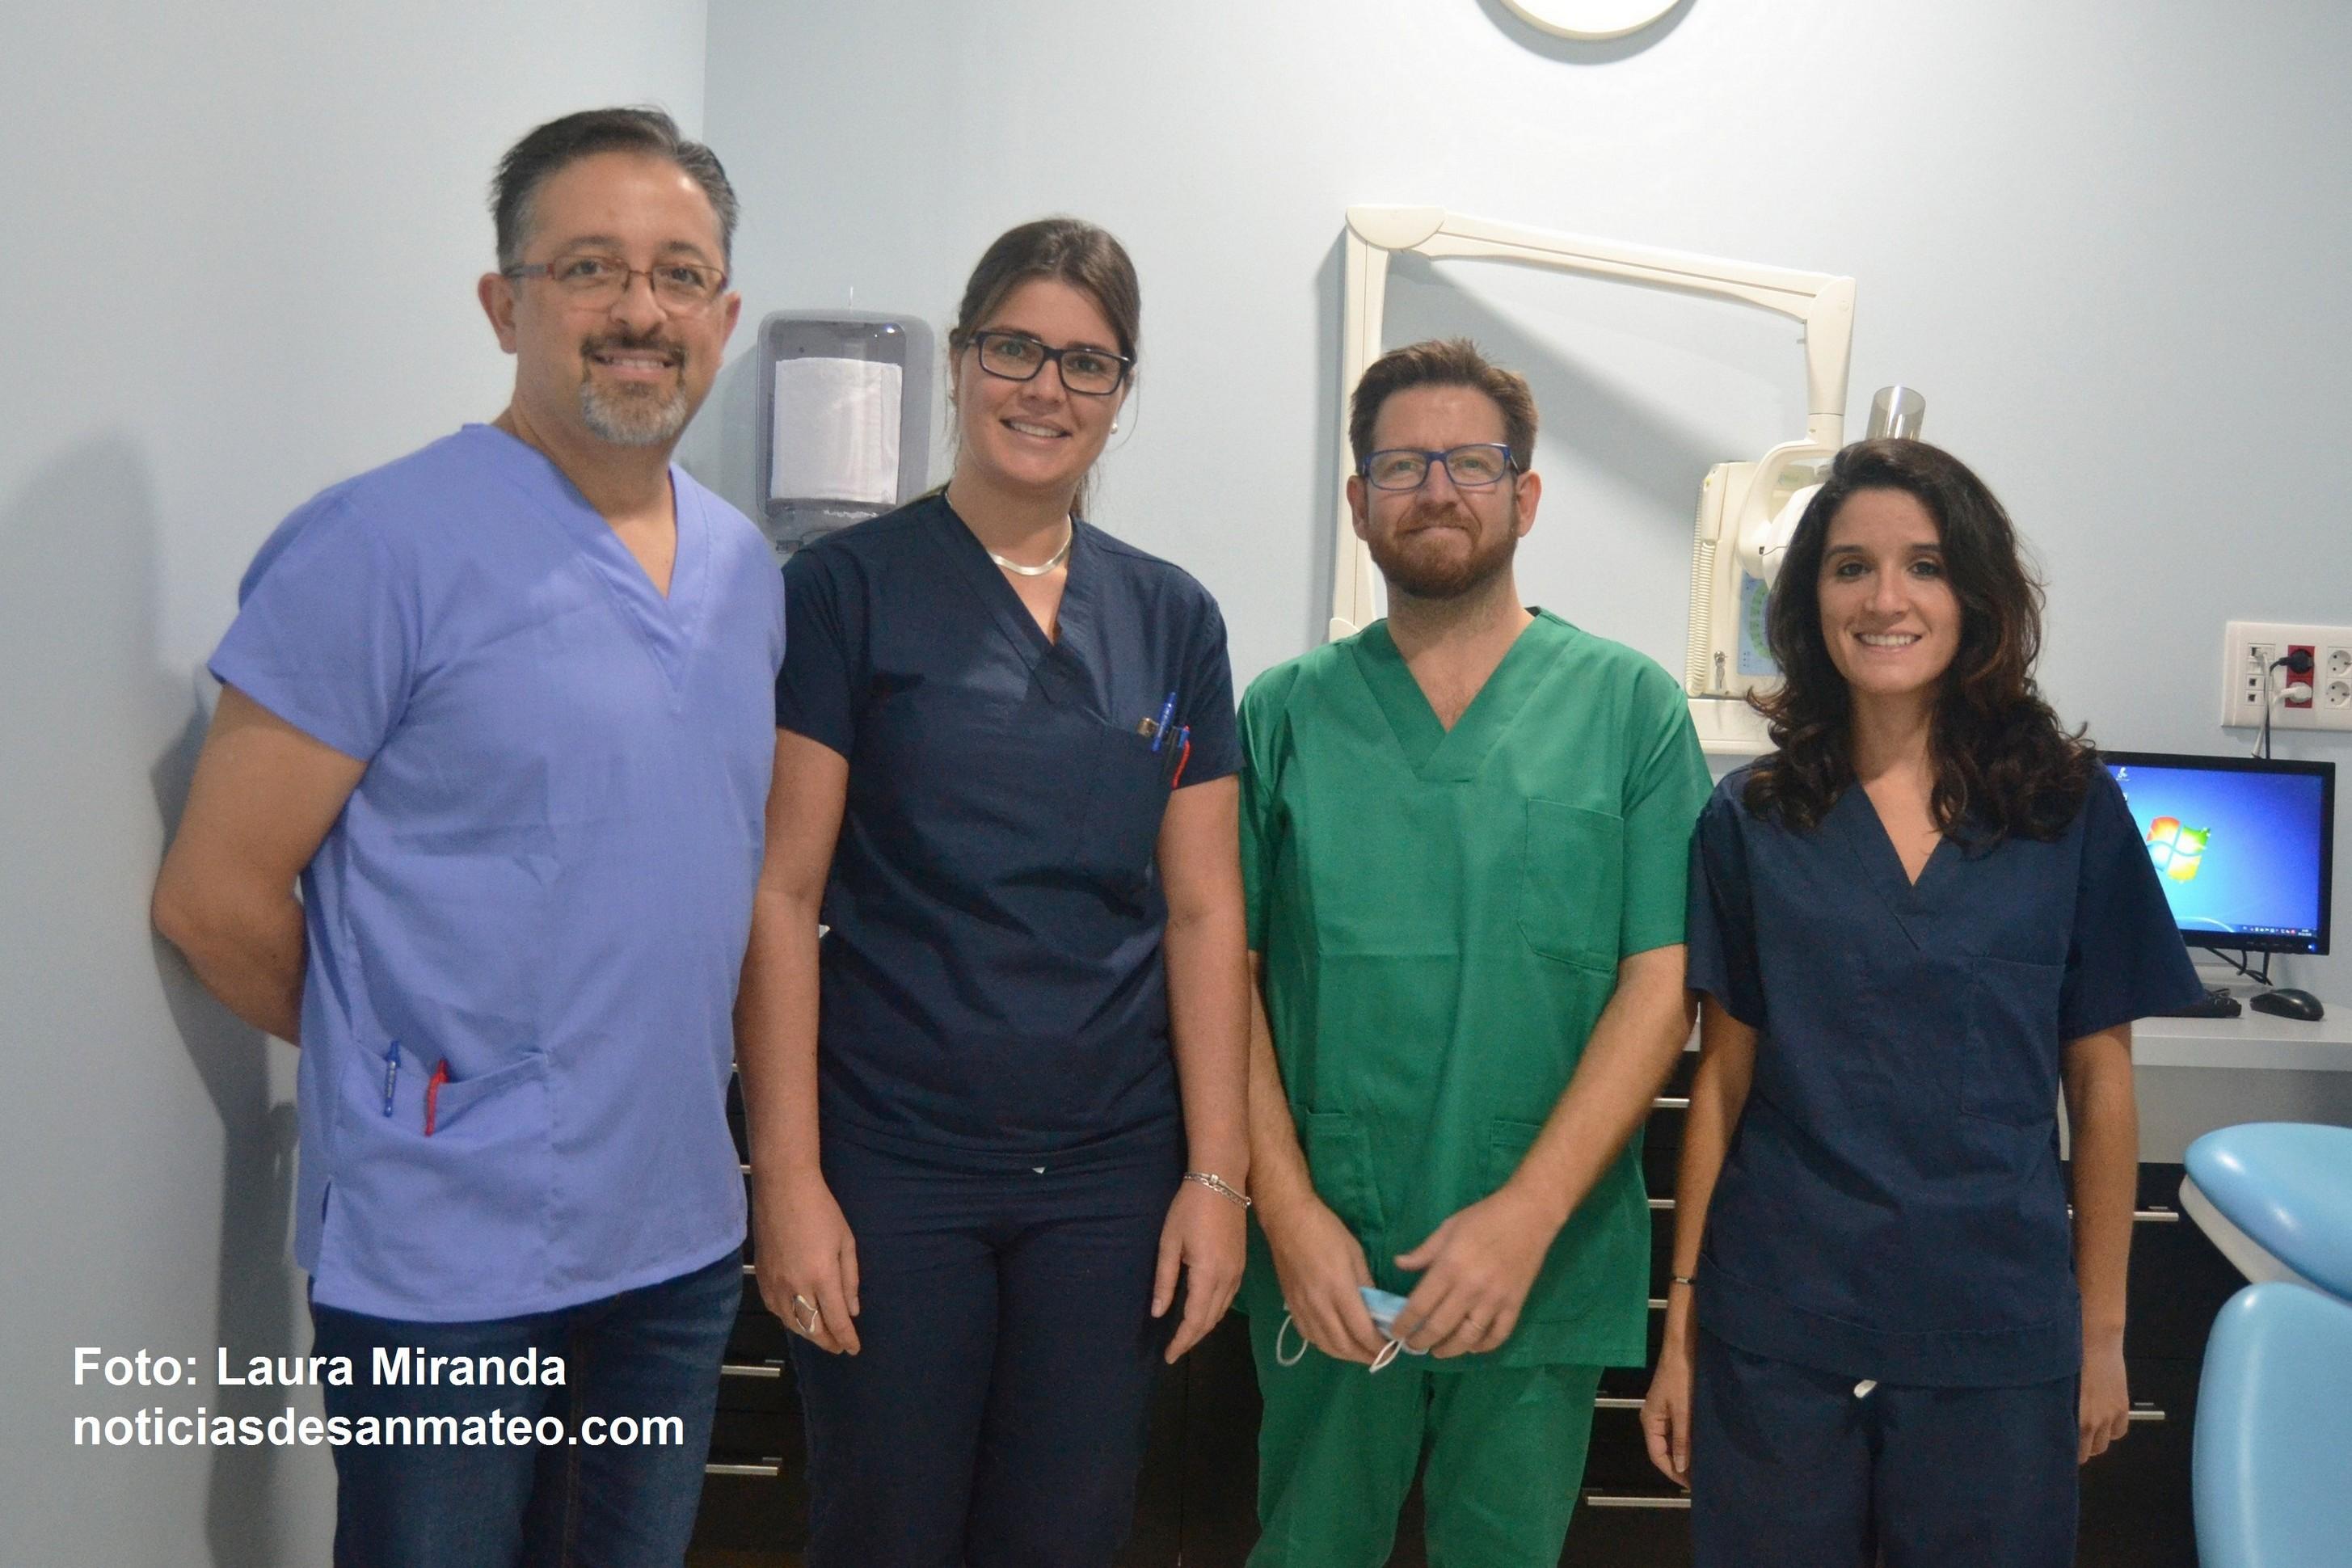 clinica dental dr. algarin santa brigida foto laura miranda noticias de san mateo